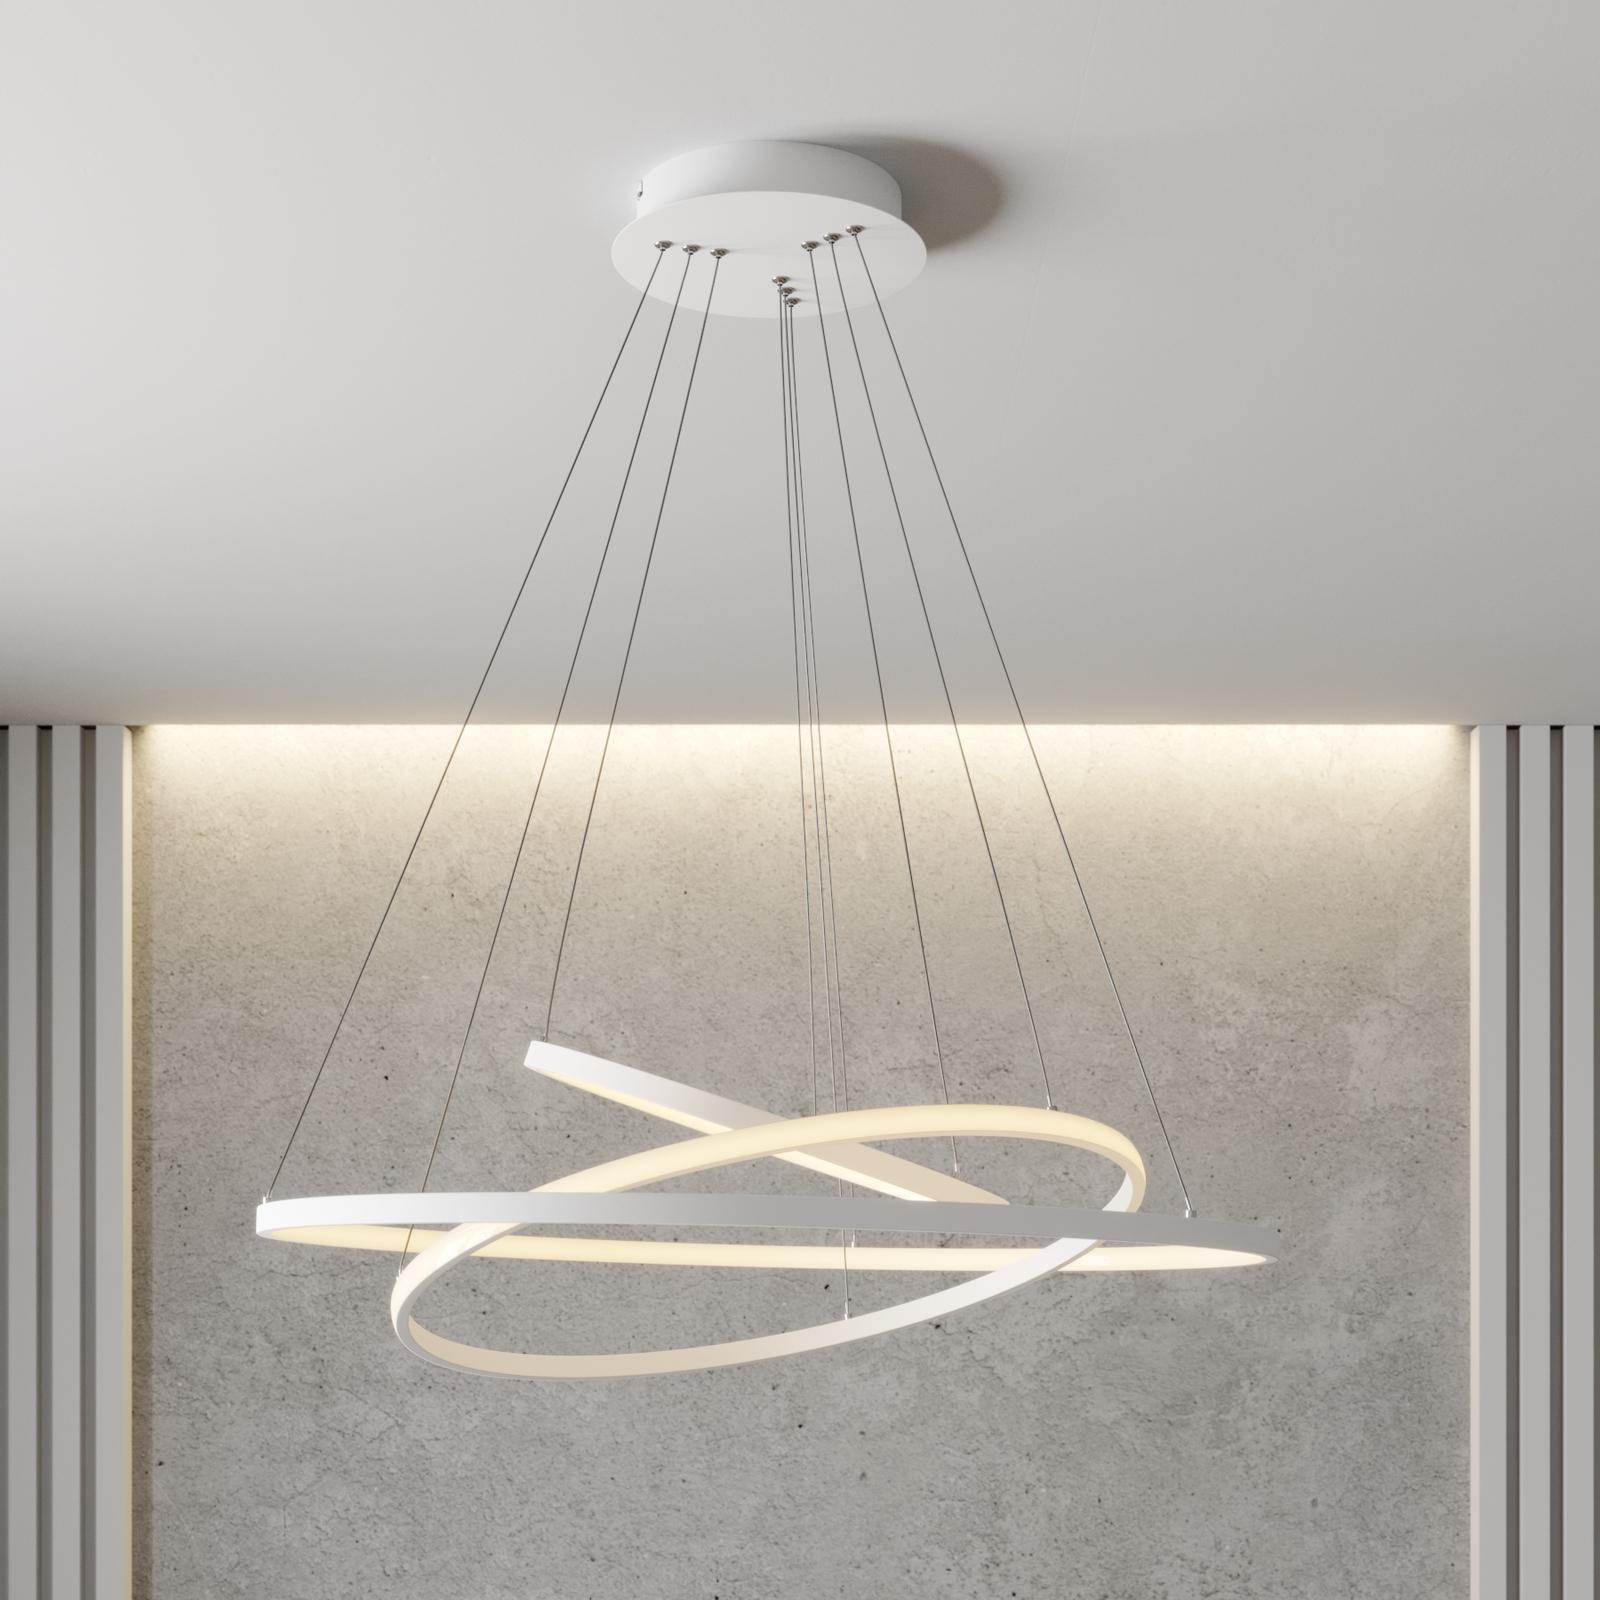 LED-pendellampe Ezana af tre ringe, hvid